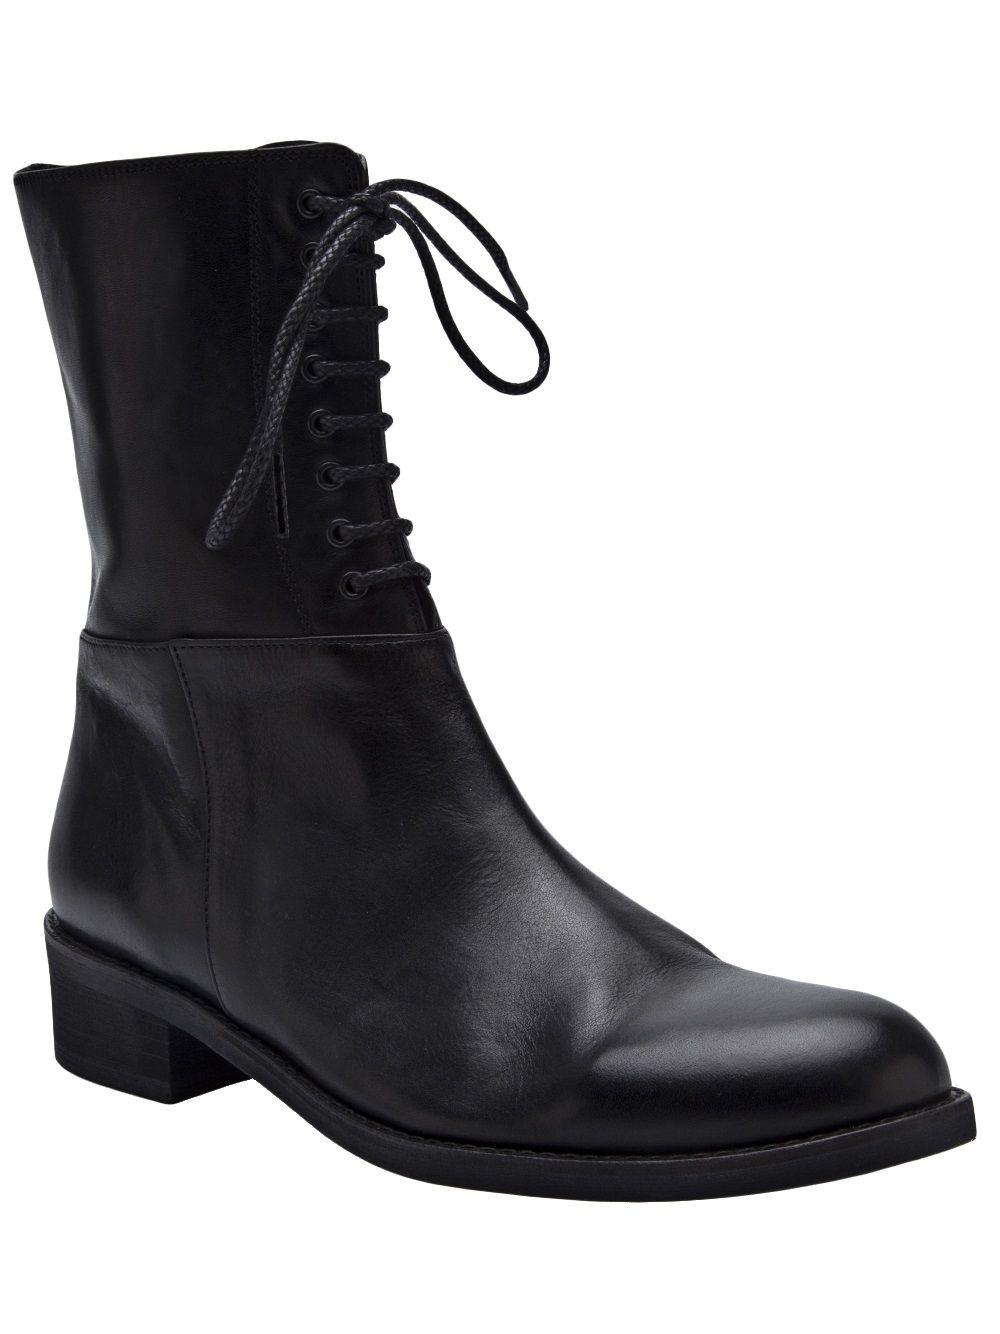 168524e54f96a Yohji Yamamoto Lace Up Zip Boot - A maree s - Farfetch.com